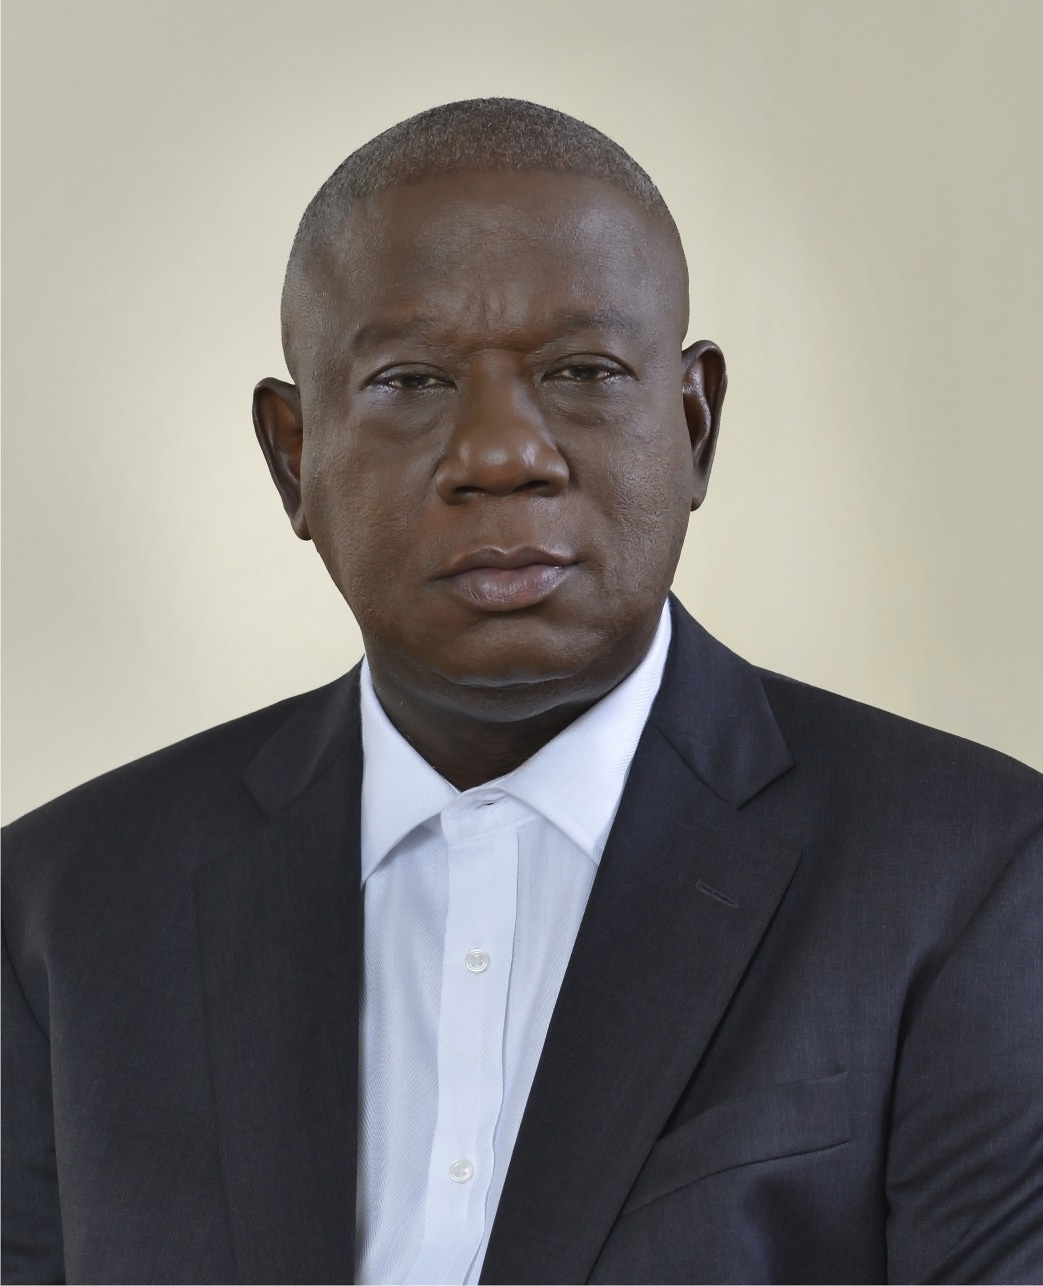 Nn'emeka Maduegbuna, Chairman, C&F Porter Novelli.